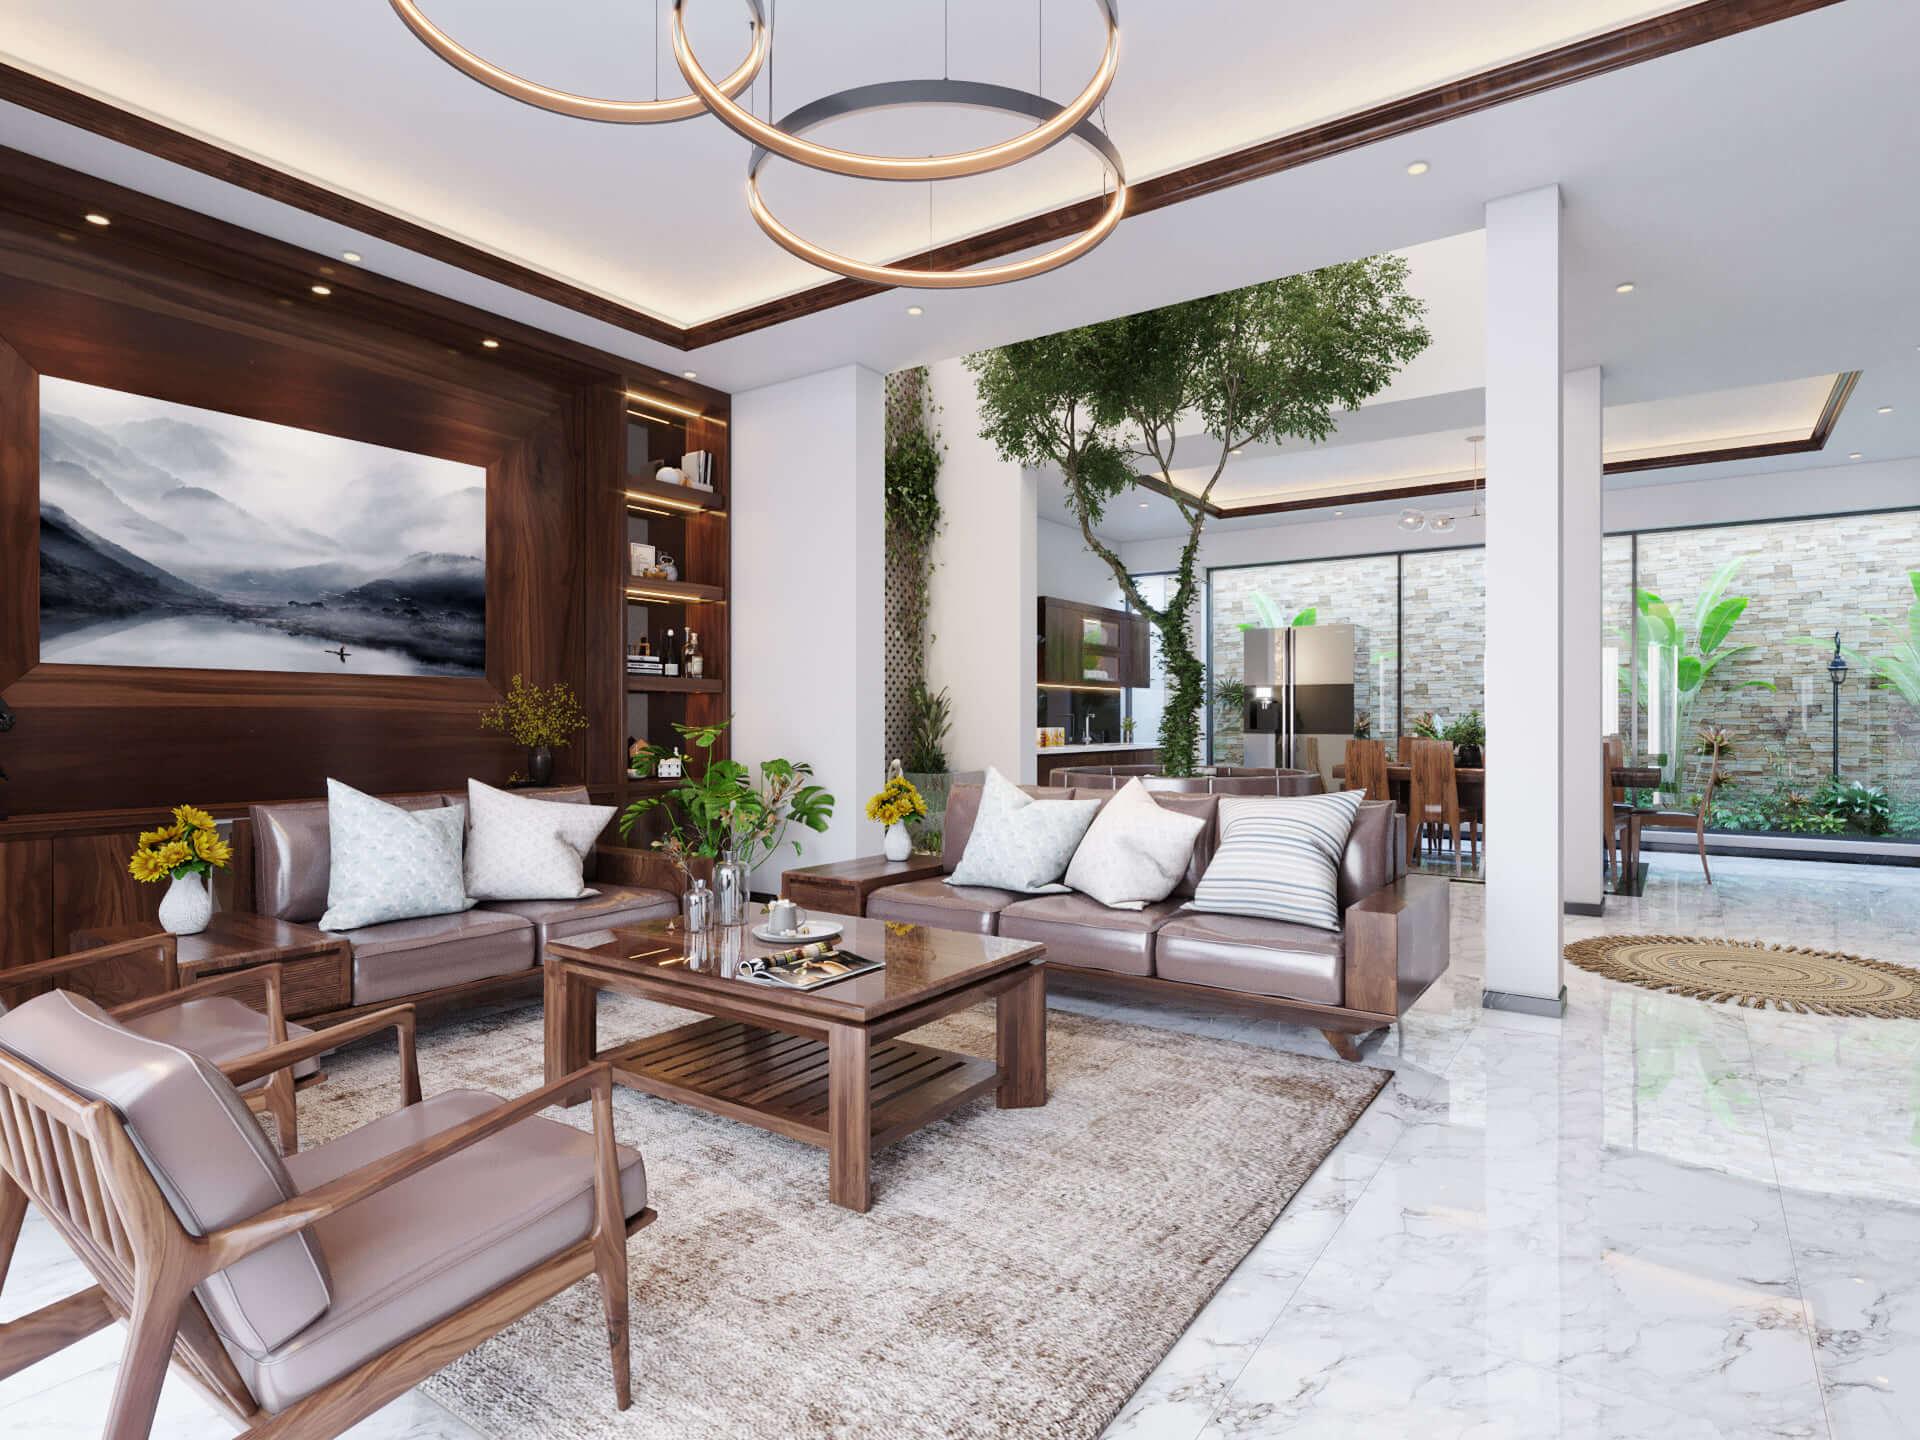 Phòng khách ấn tượng, gần gủi với thiên nhiên với các cây xanh trong nhà